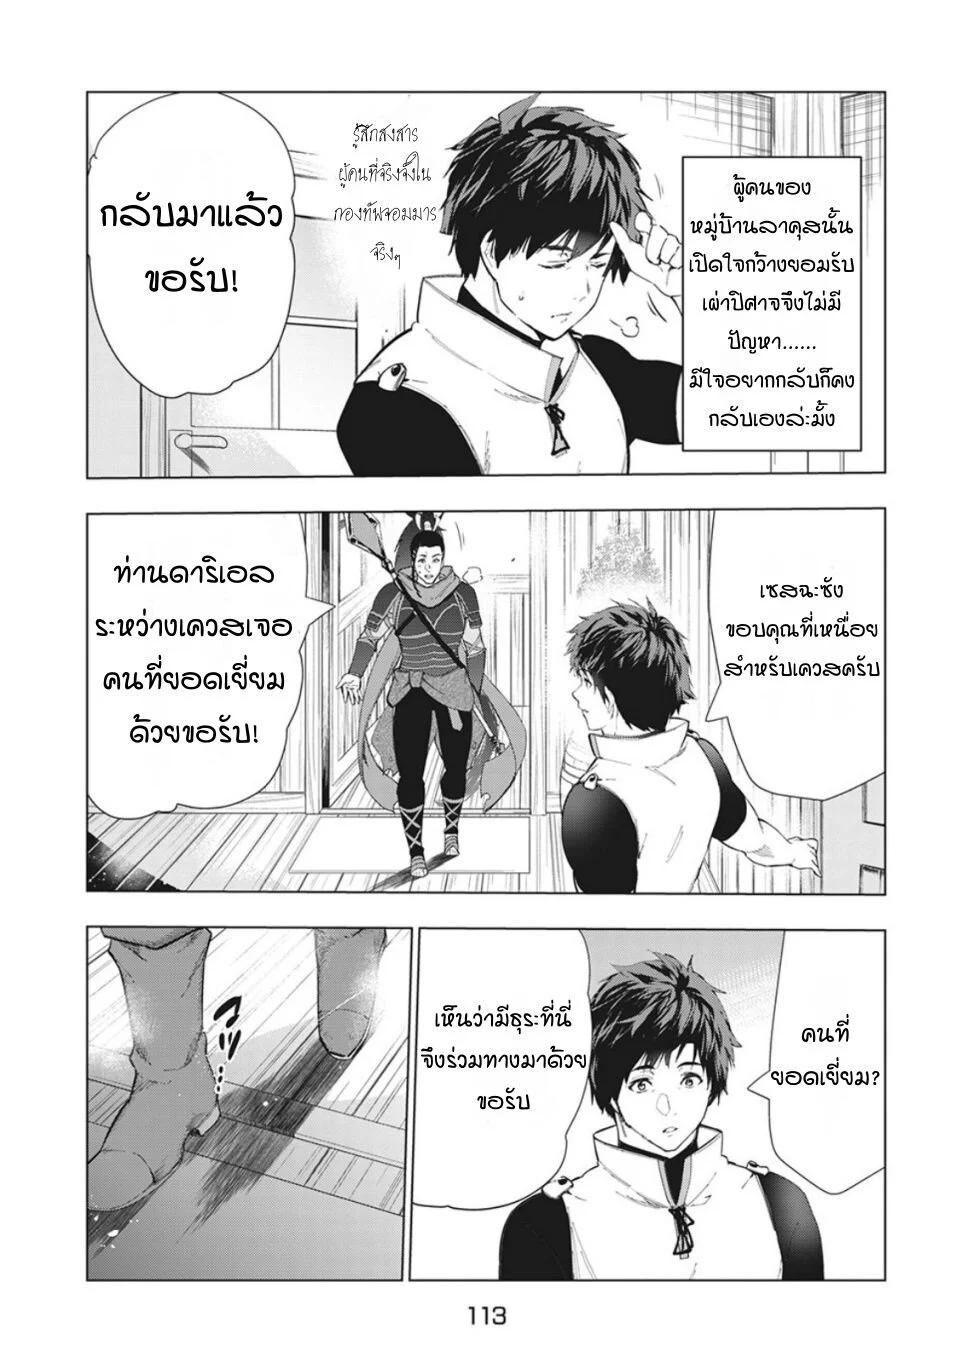 อ่านการ์ตูน Kaiko sareta Ankoku Heishi (30-dai) no Slow na Second ตอนที่ 20 หน้าที่ 29